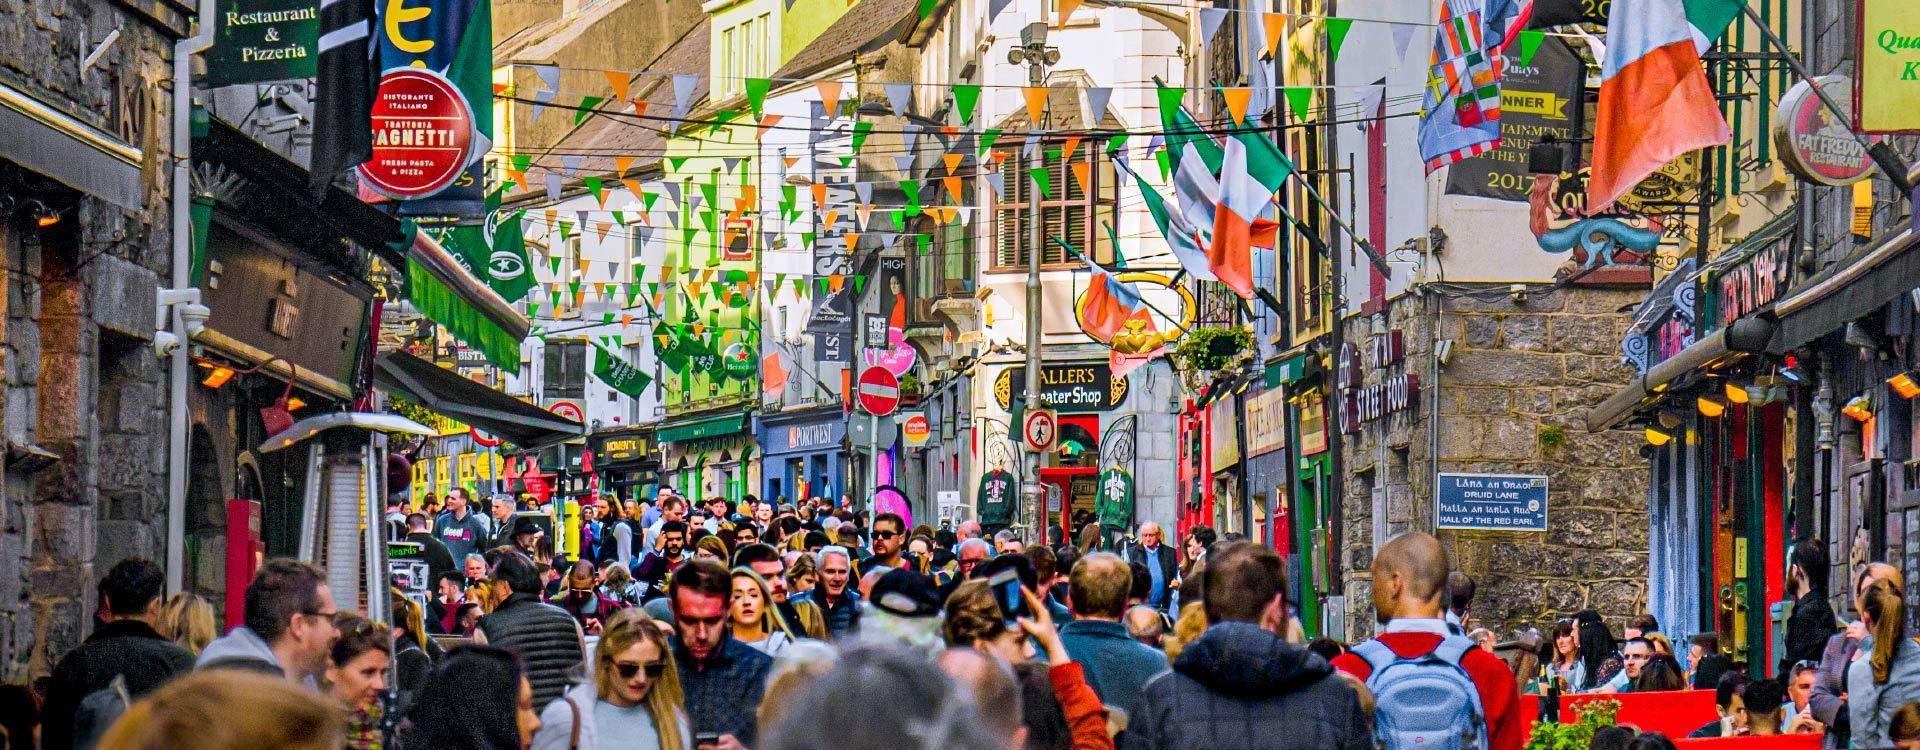 Excursión por un día a Galway y Connemara desde Dublín